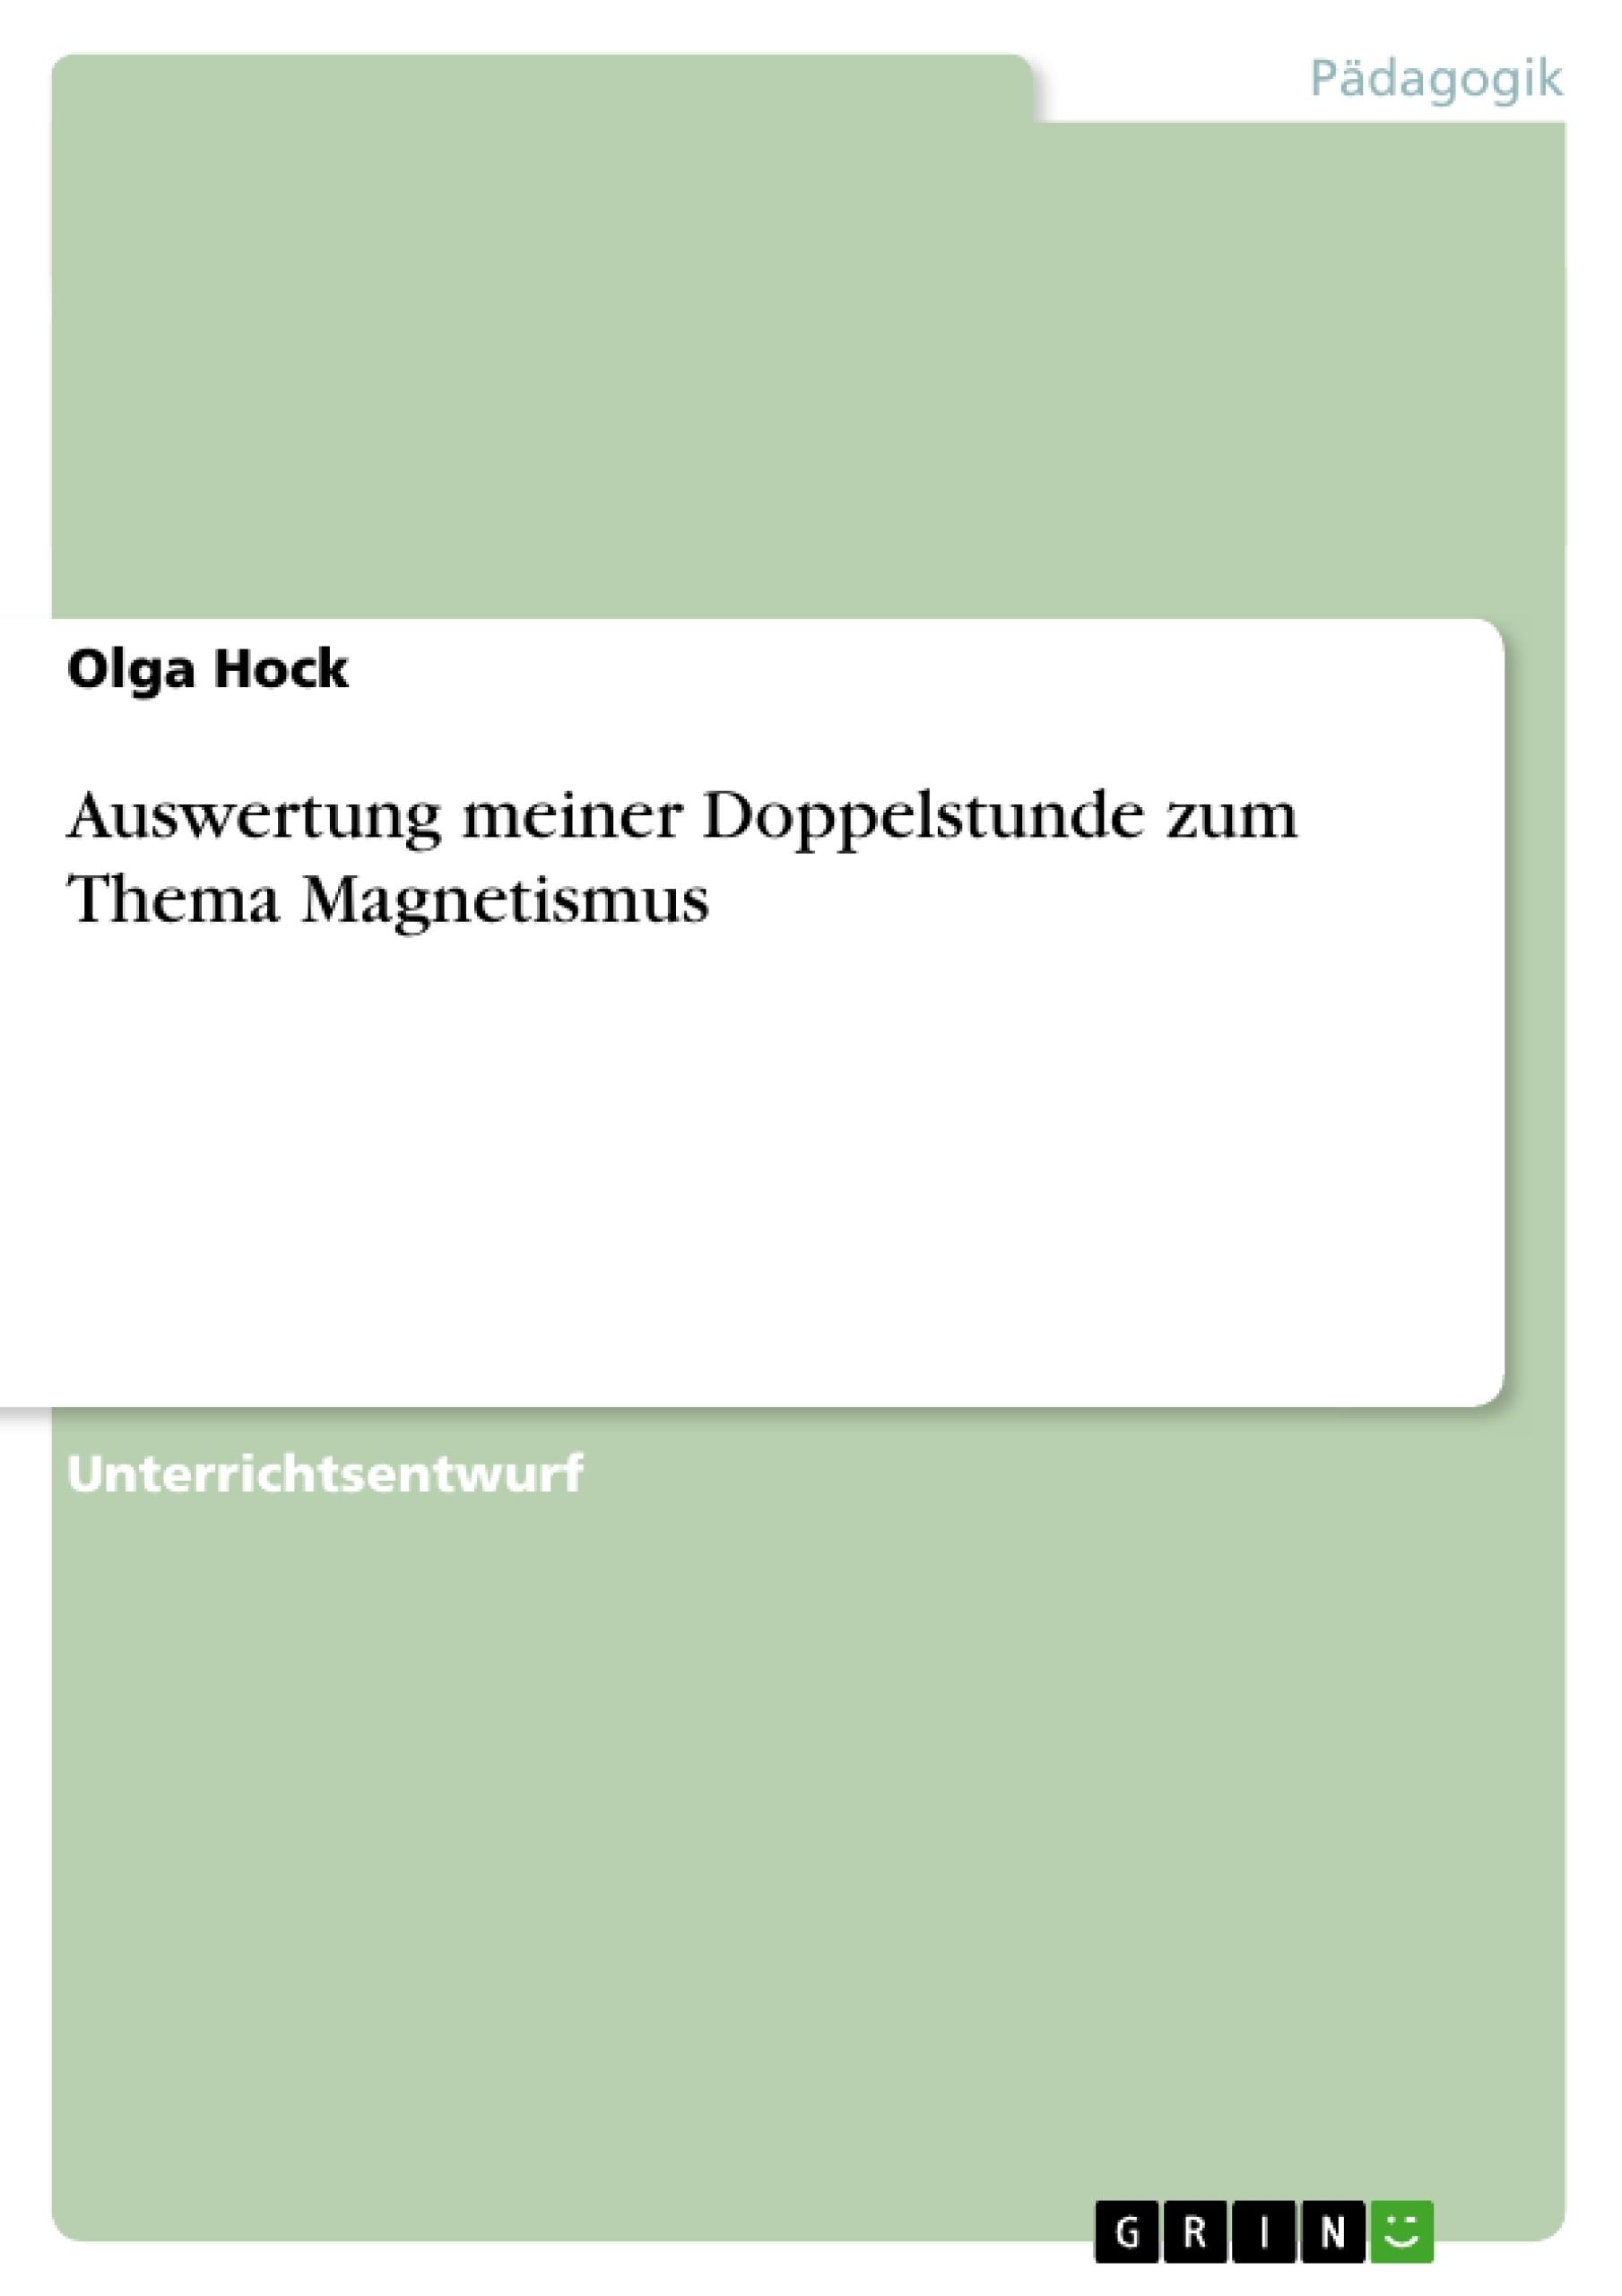 Titel: Auswertung meiner Doppelstunde zum Thema Magnetismus